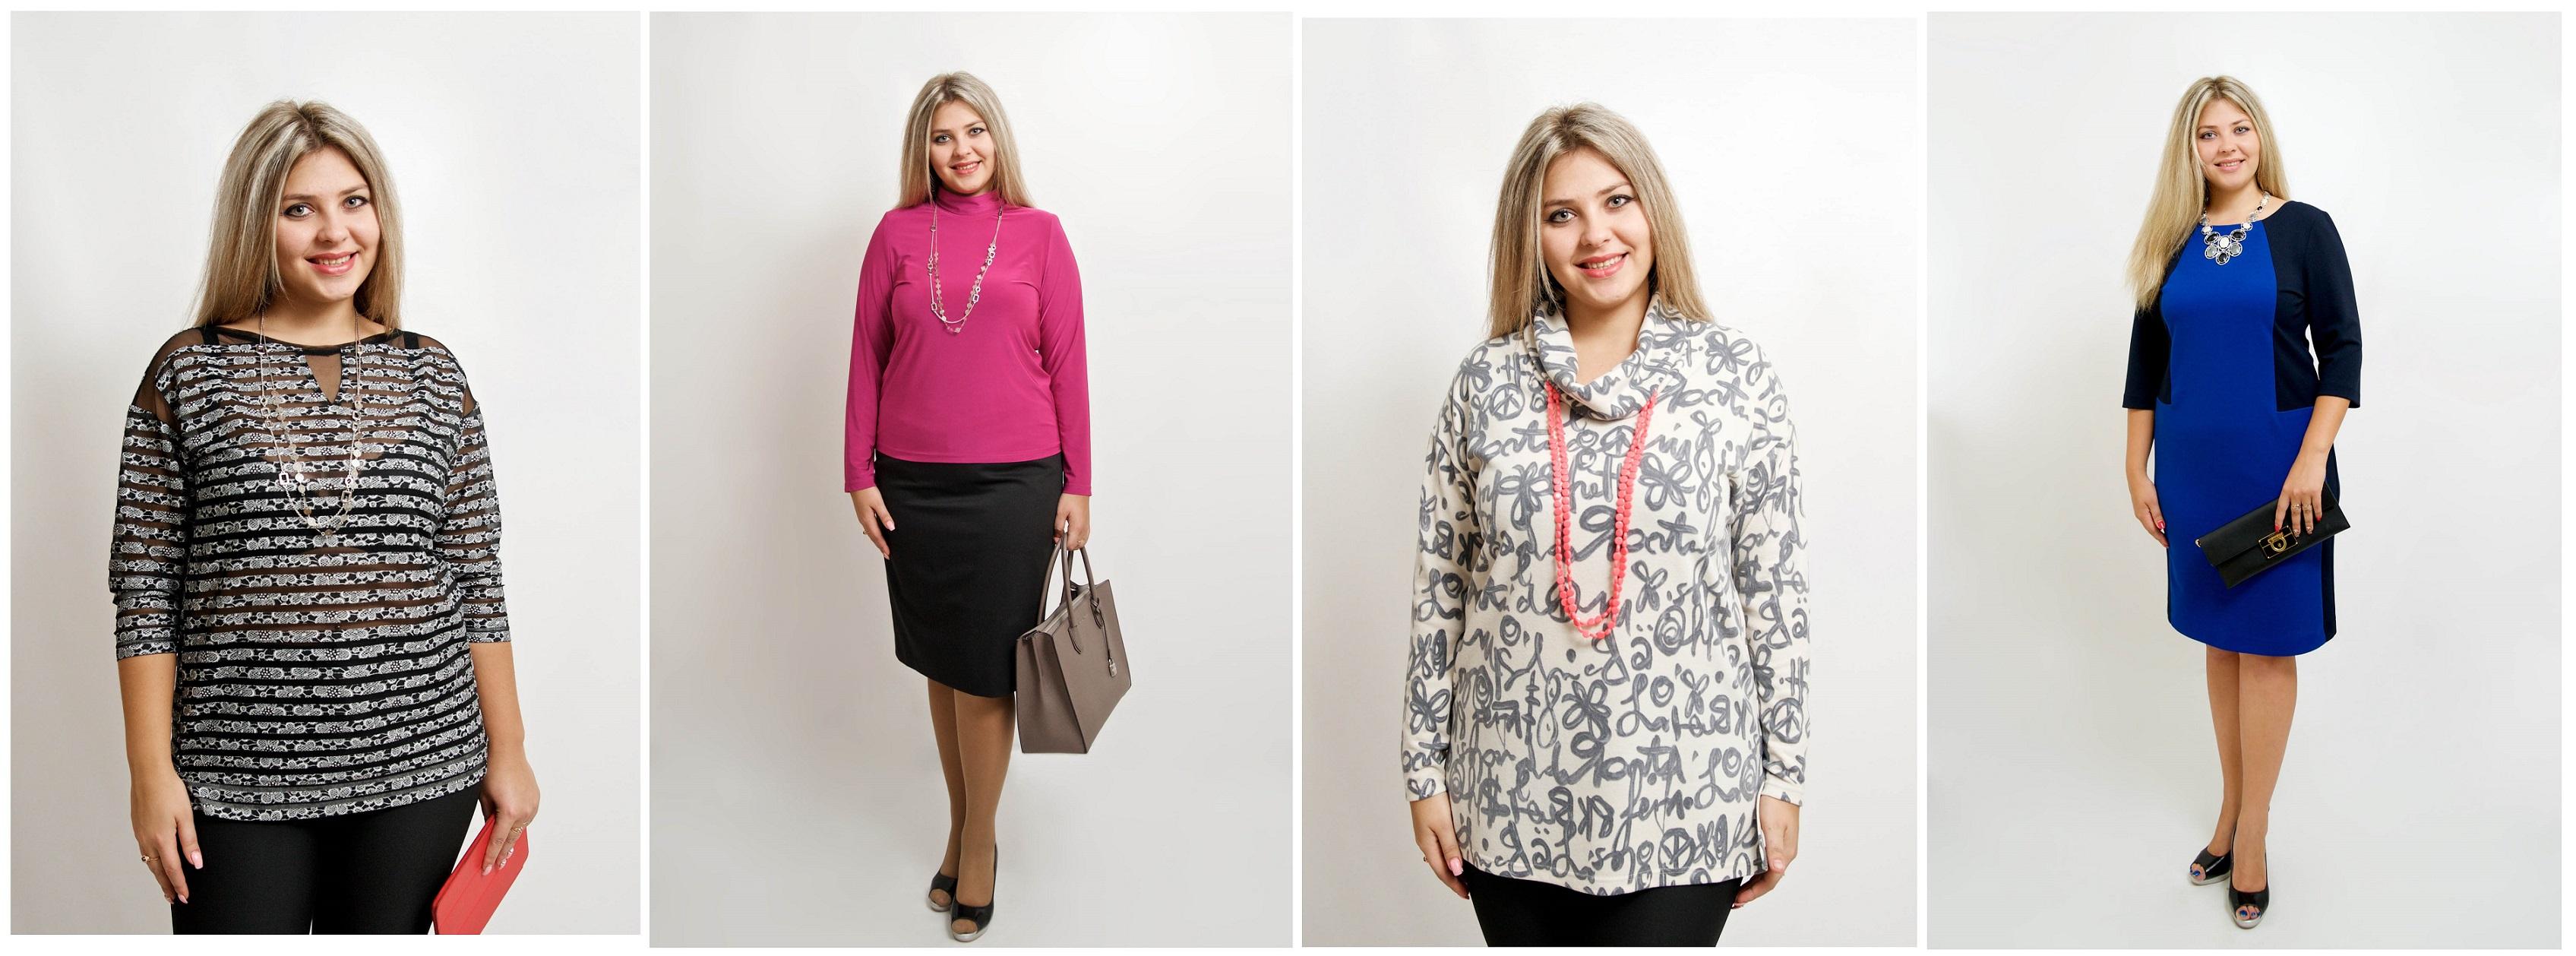 Сбор заказов. BALSAKO - модная одежда для современных Дам! Красивая базовая коллекция Осень 2016. Размеры 46-64